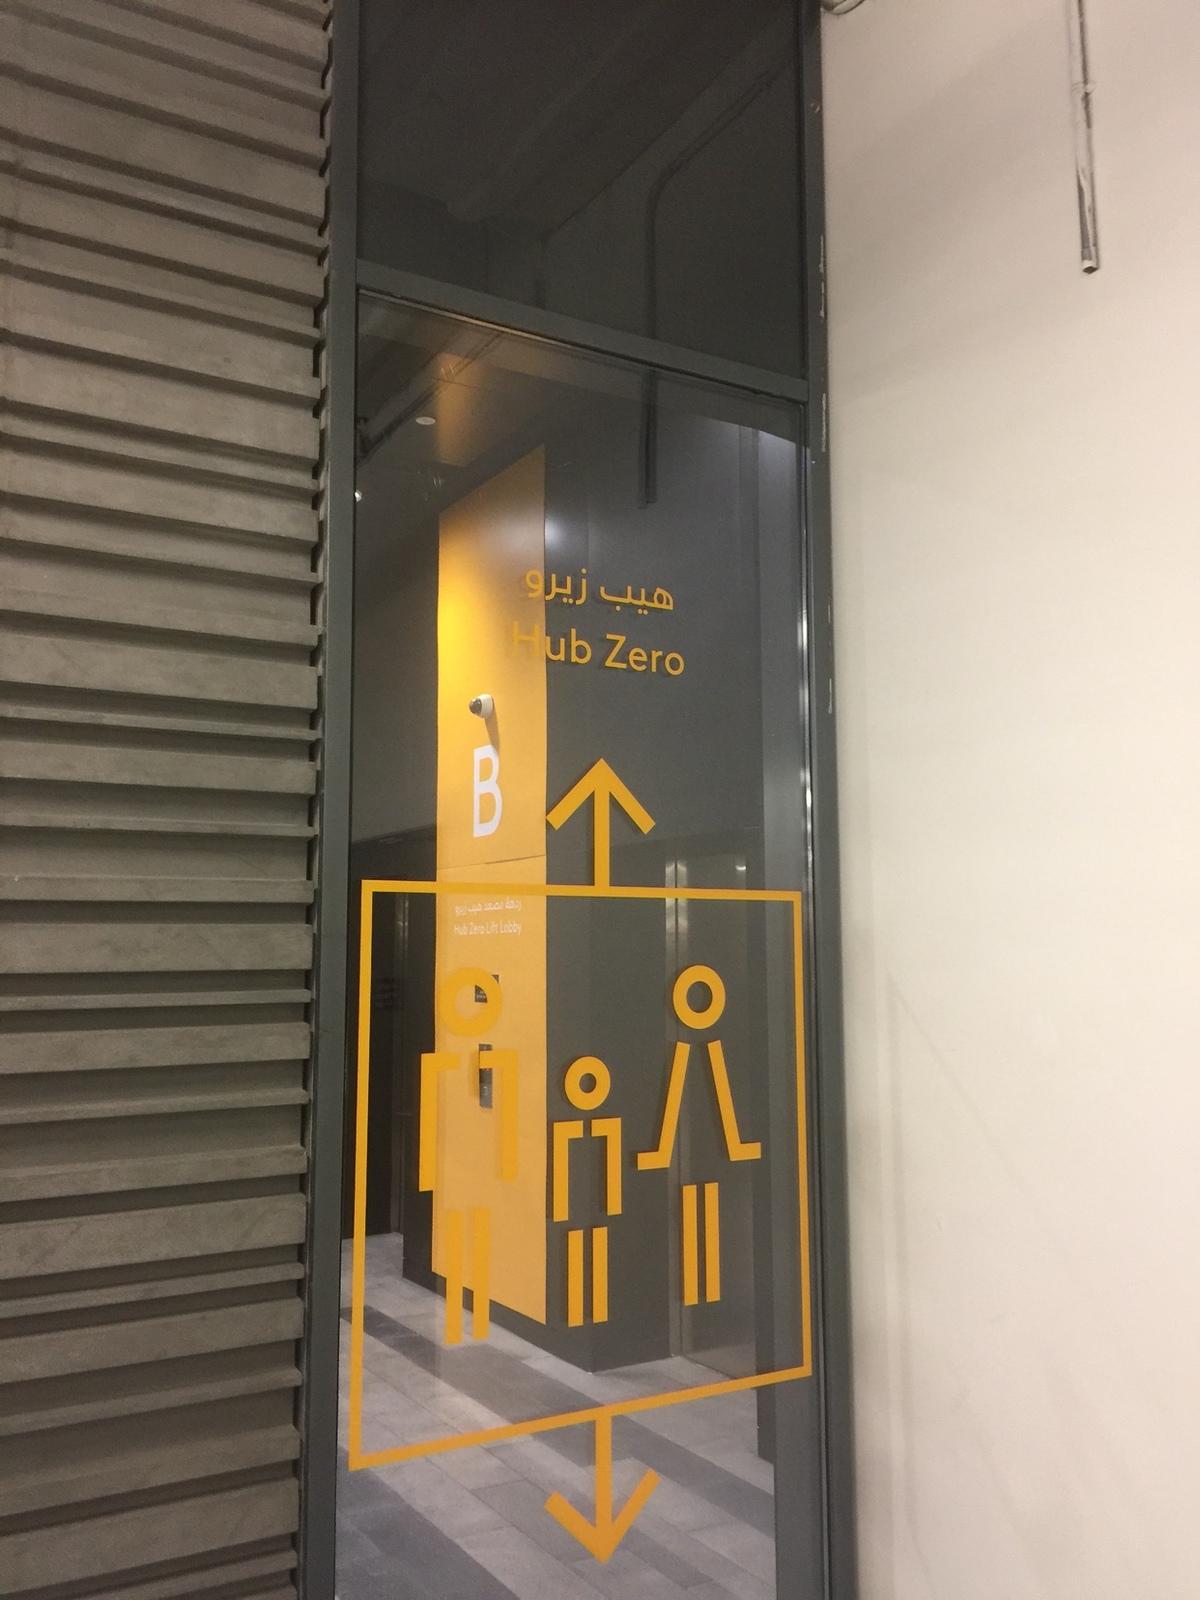 661665 المسافرون العرب دبي مدينة الجميرا